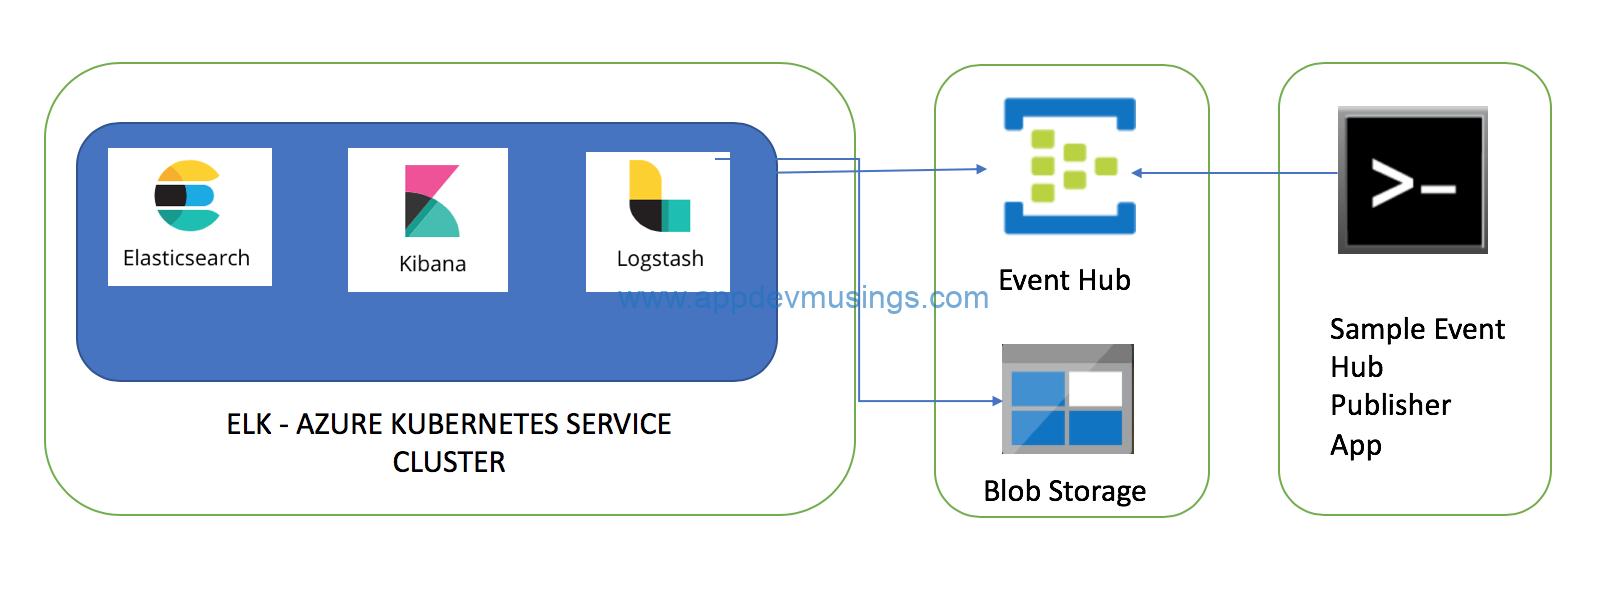 Azure Kubernetes Service (AKS): Deploying Elasticsearch